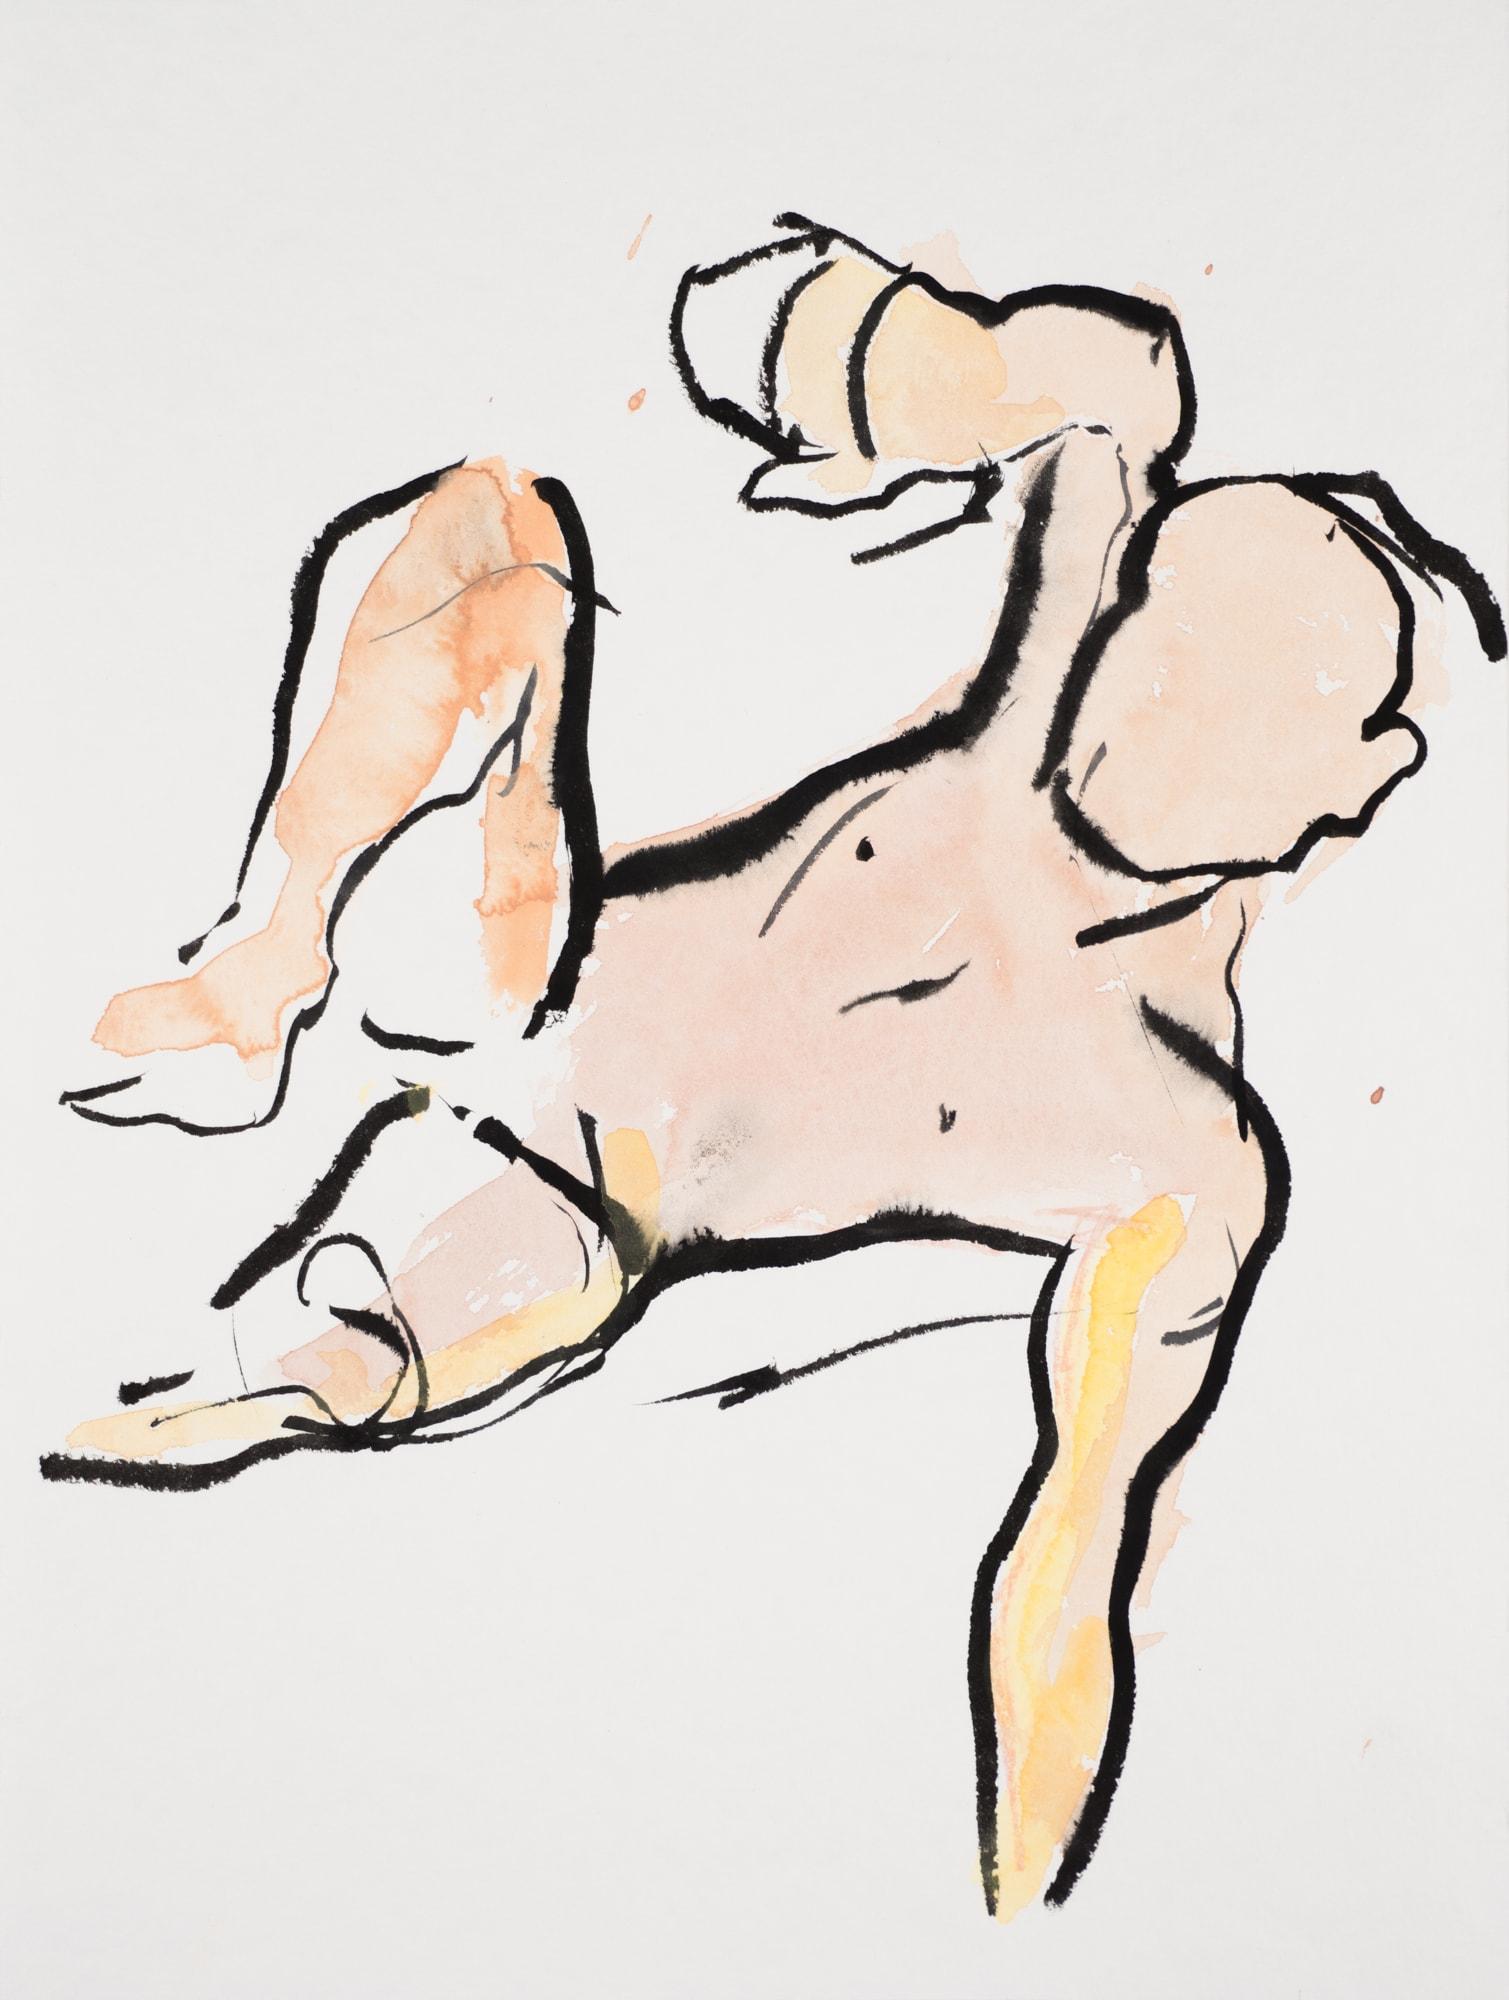 Zeichnung, Aquarell und Tusche auf Papier, 24x32cm, Männerakt, Künstlerin: Franziska King